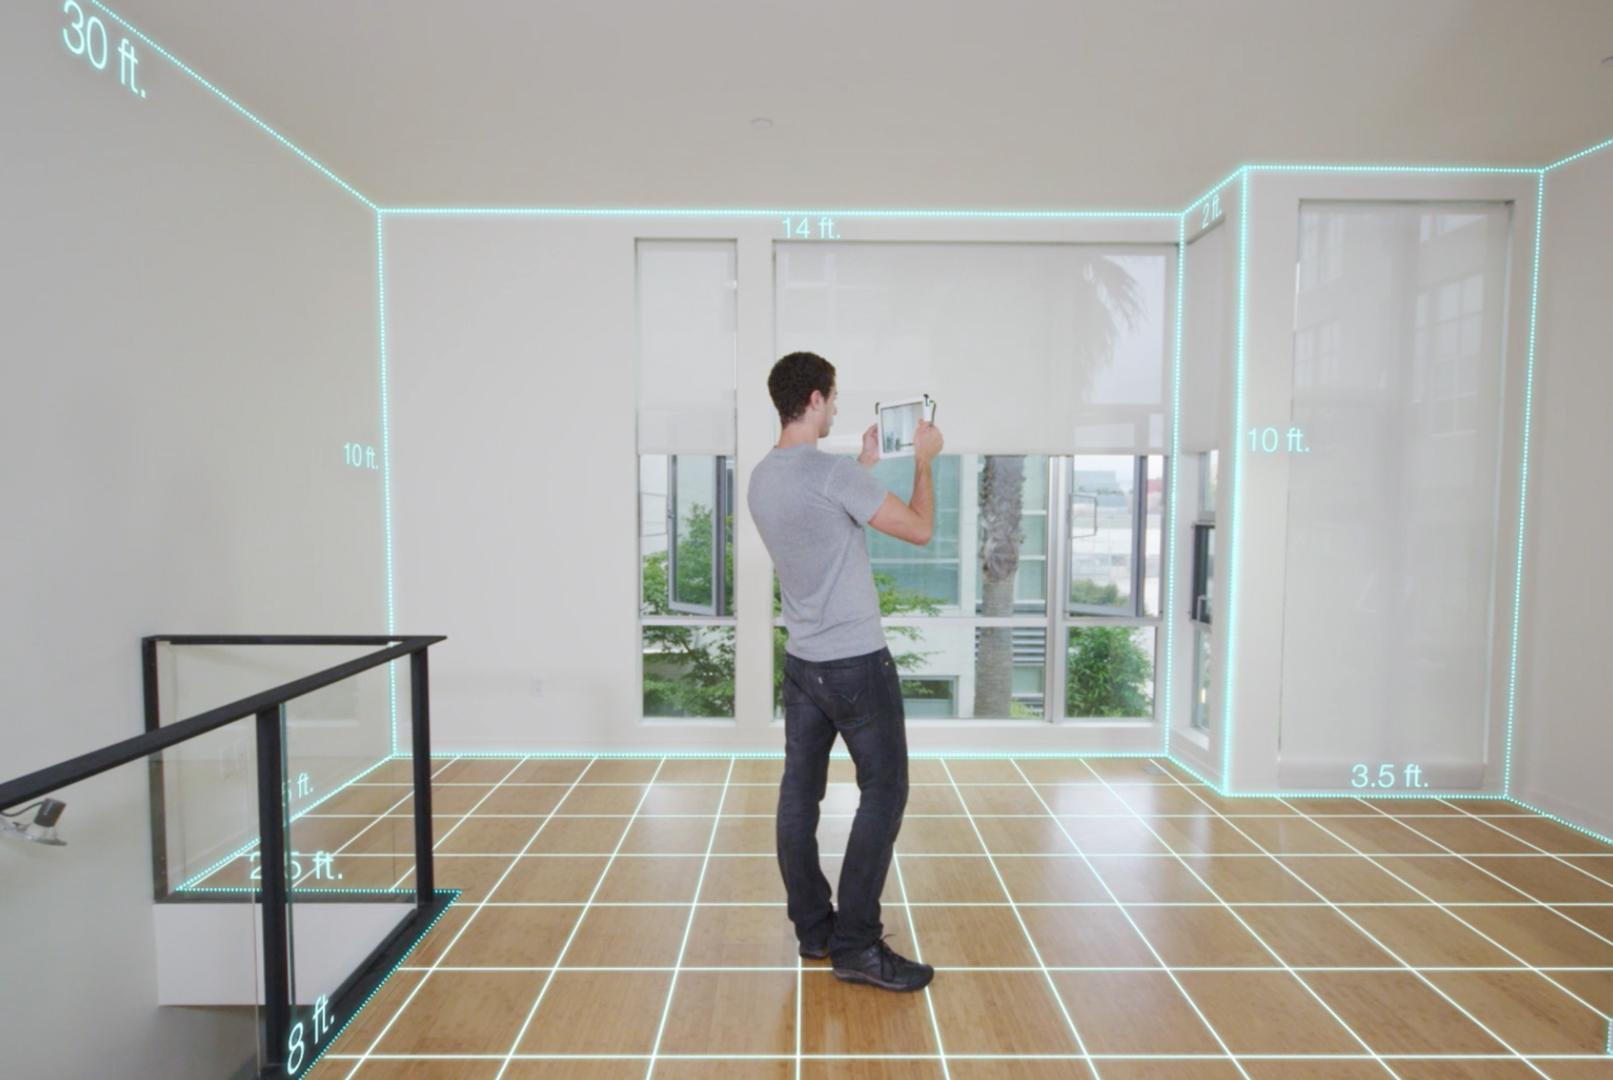 structure sensor 3D scanner for 3D printing